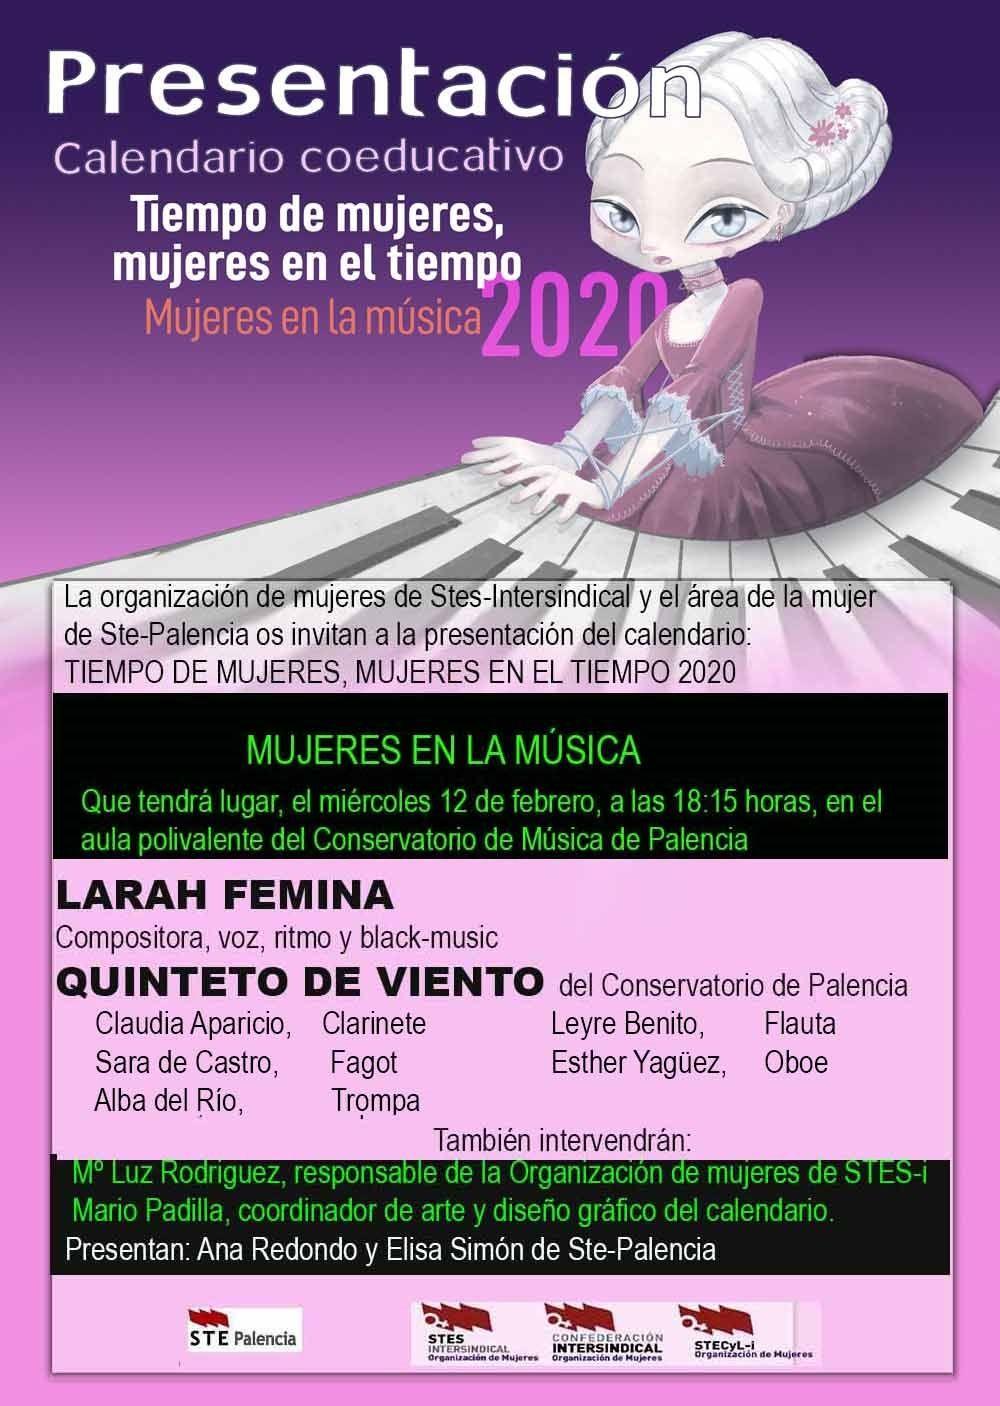 Presentacion-Calendario-2020-Palencia